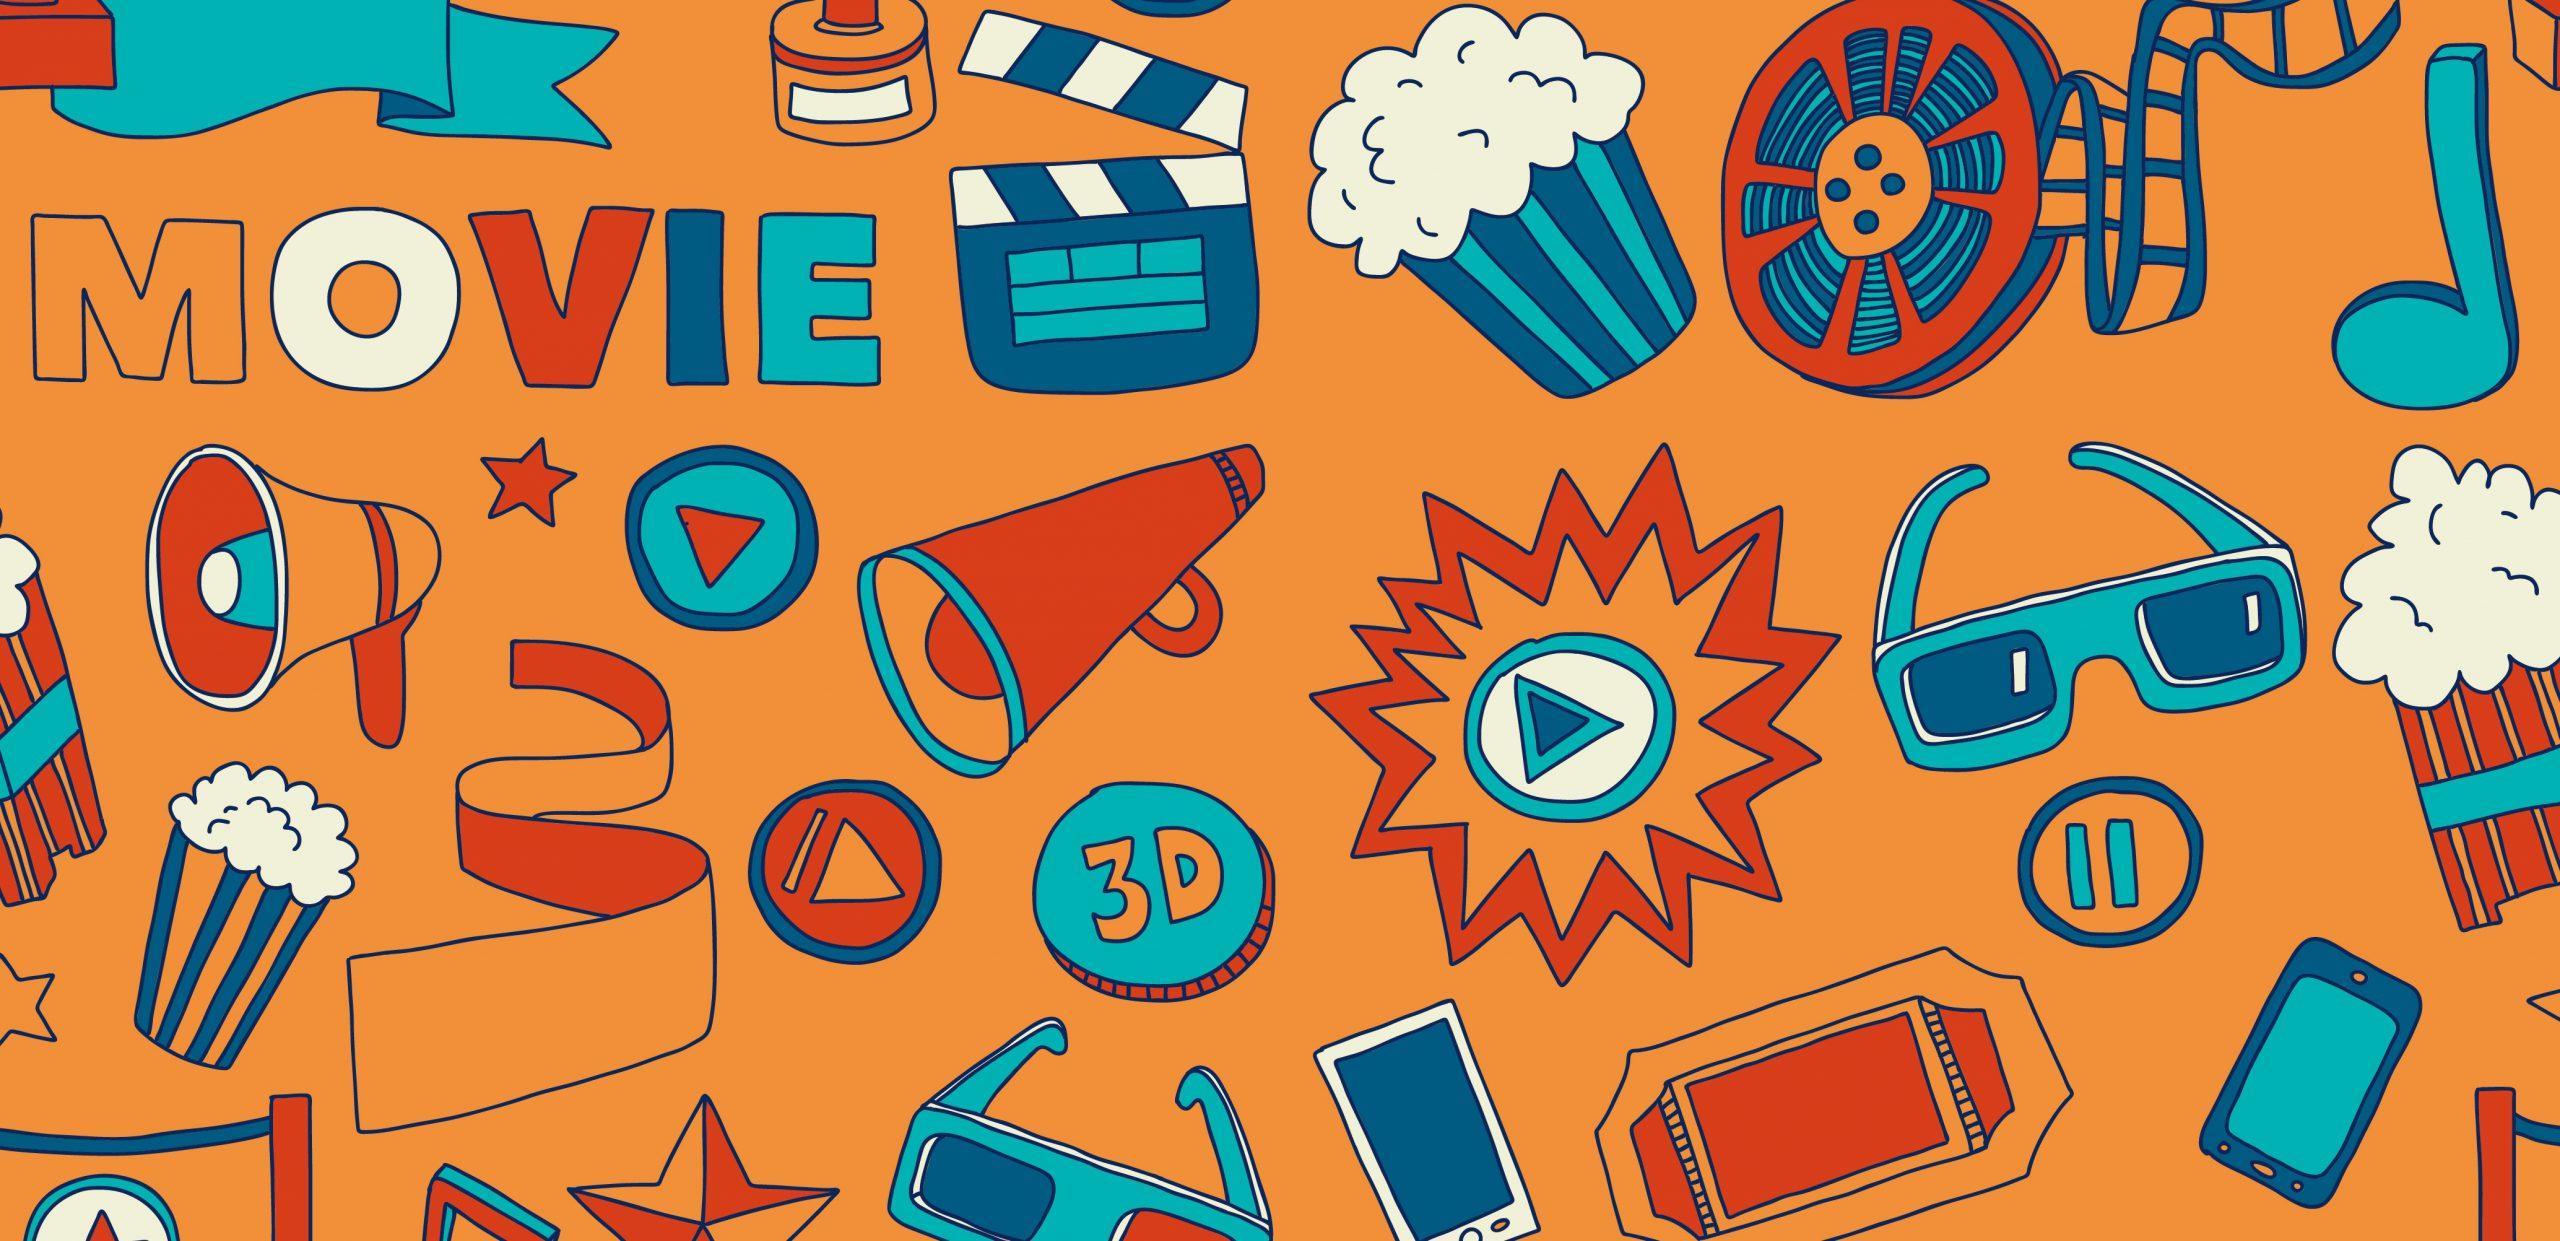 Плани на вікенд: серіали, які варто подивитися